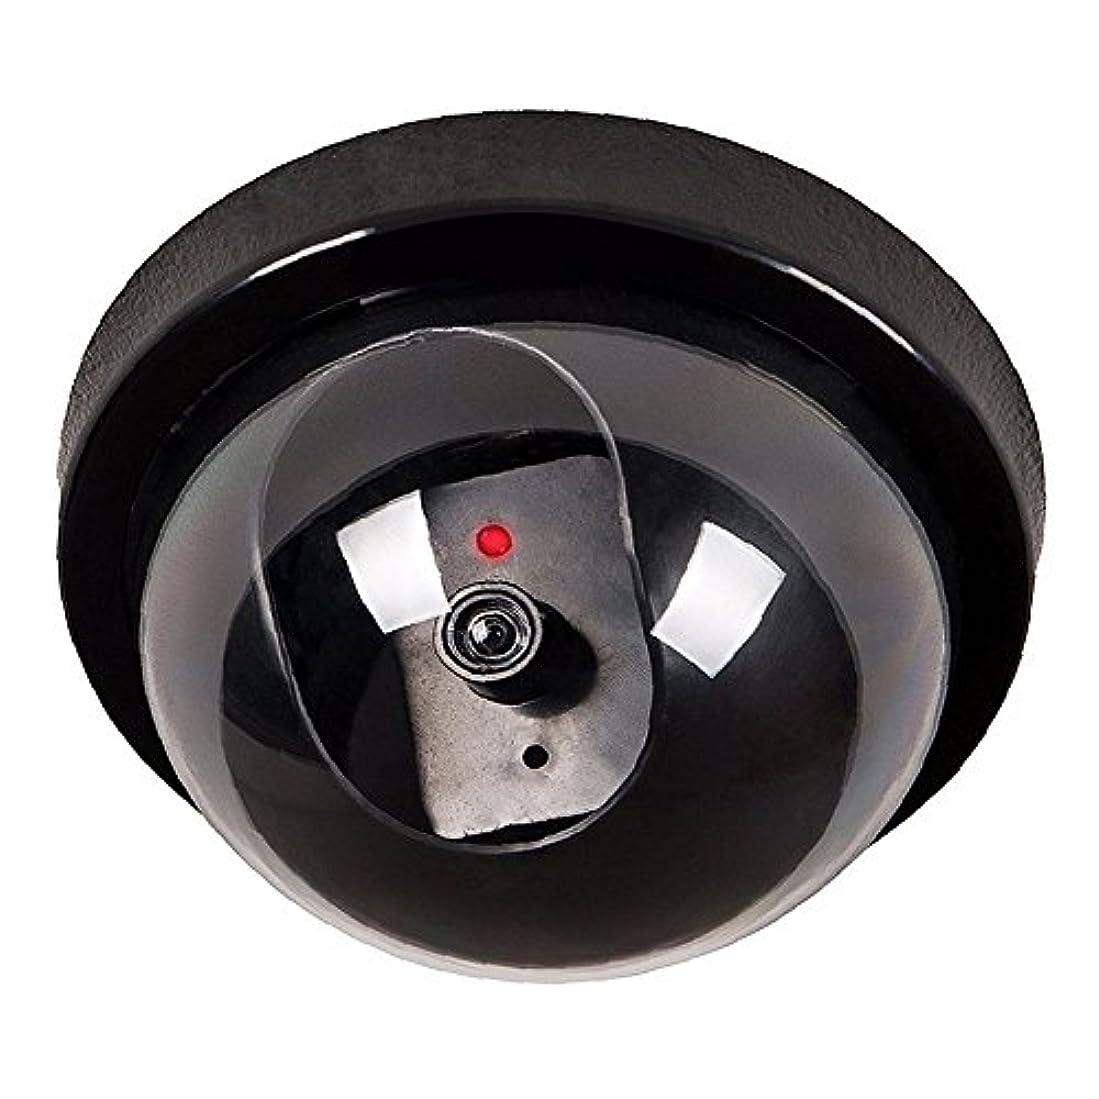 力強いバッフルつかいますSODIAL(R) 黒のインドア アウトドアCCTV擬似ダミードーム防犯カメラ 点滅する赤色LEDライト付き